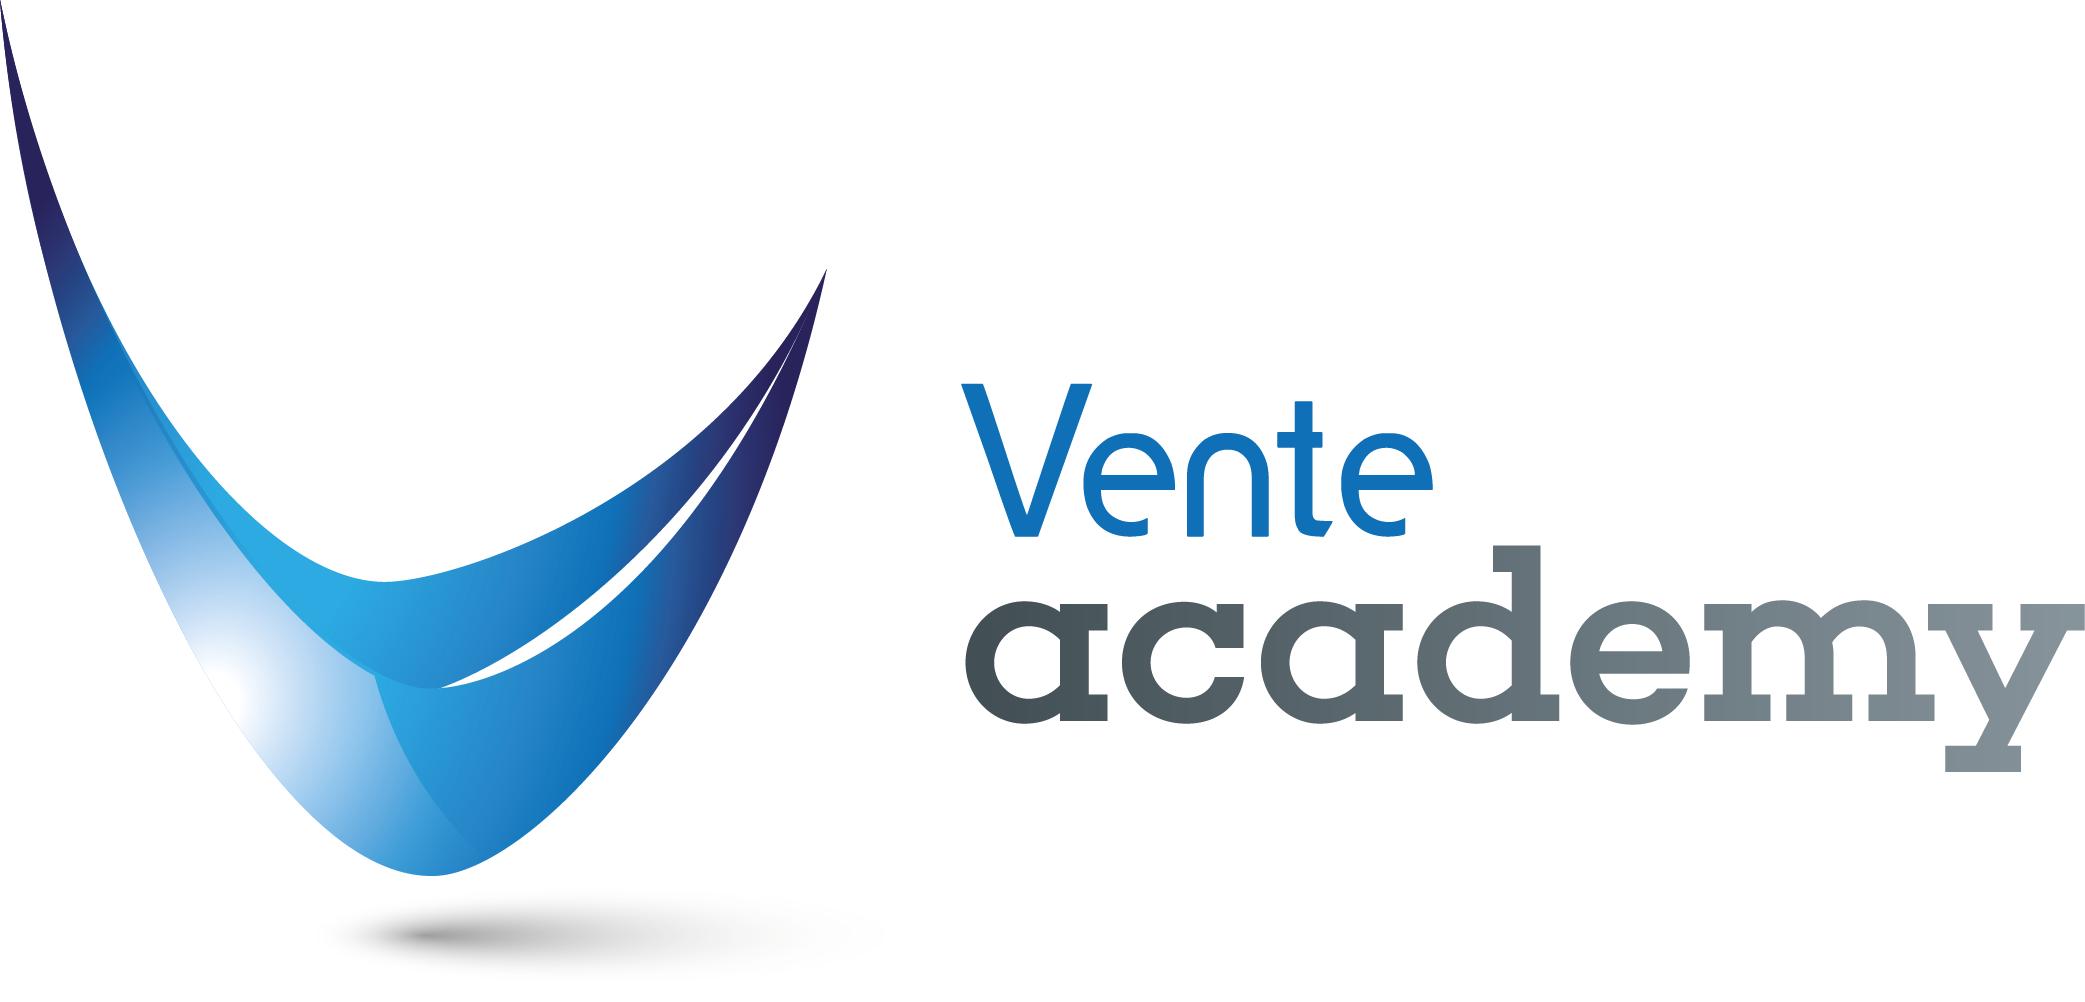 Vente Academy